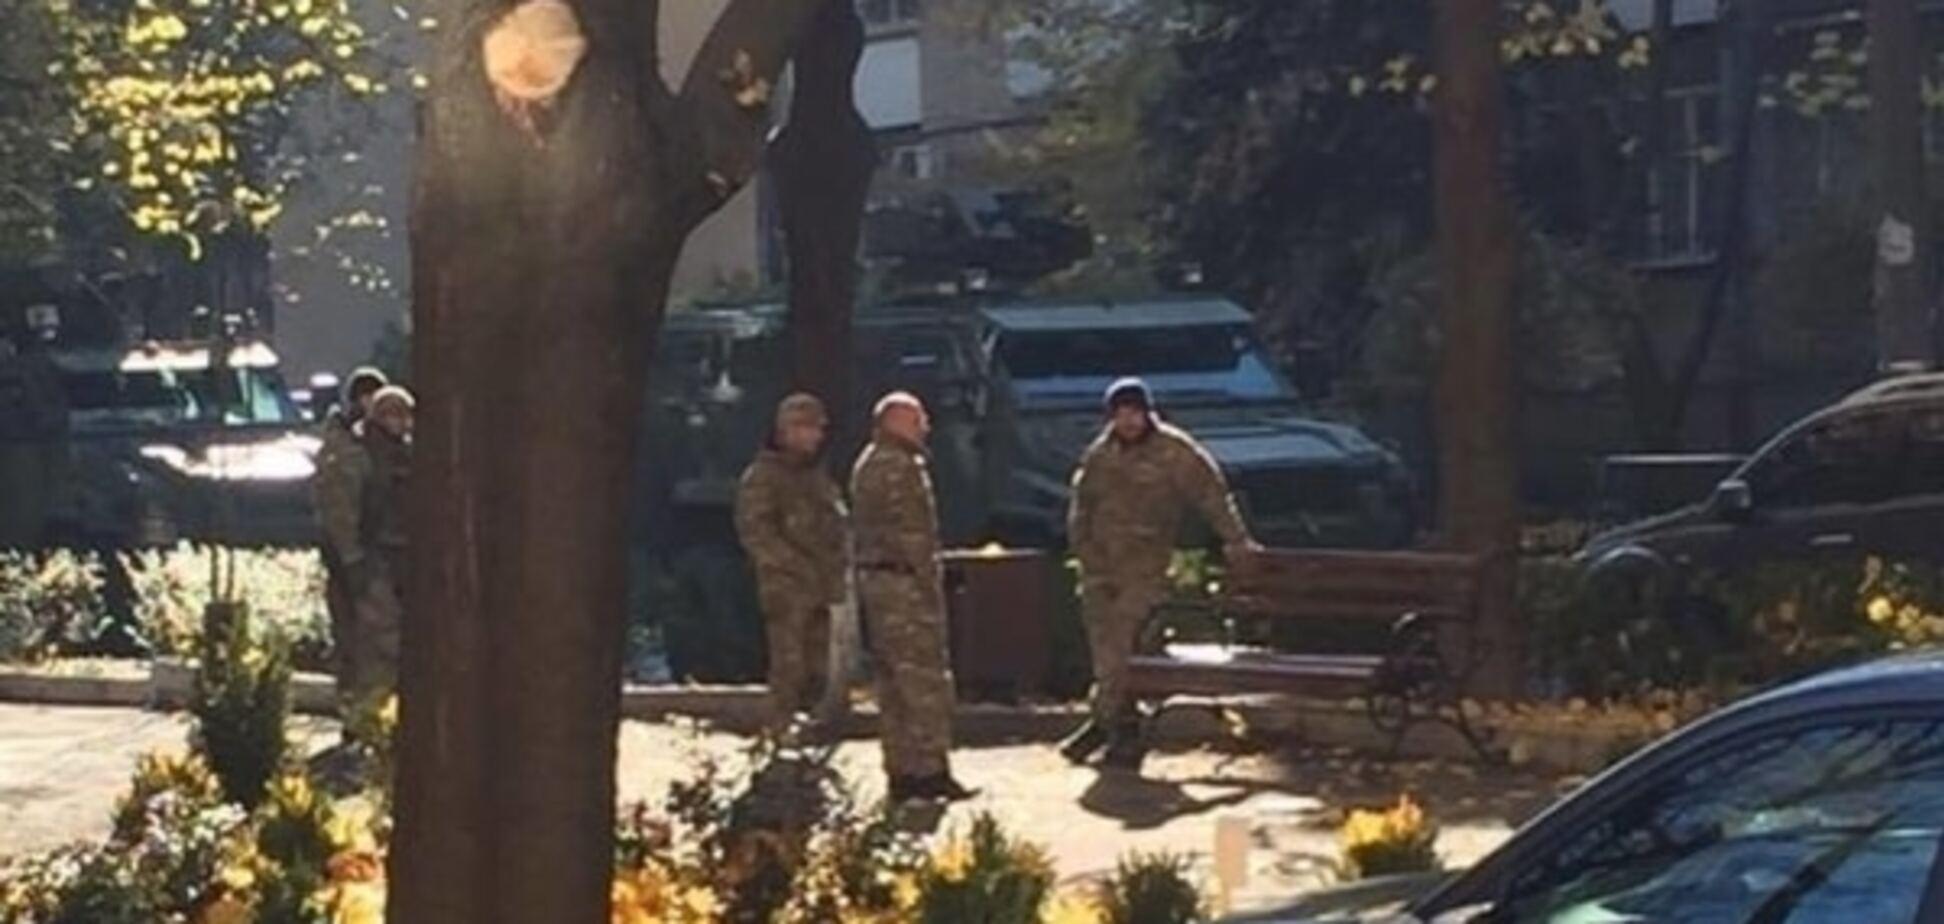 Задержанием Корбана руководил генерал, причастный к разгону Евромайдана – журналист